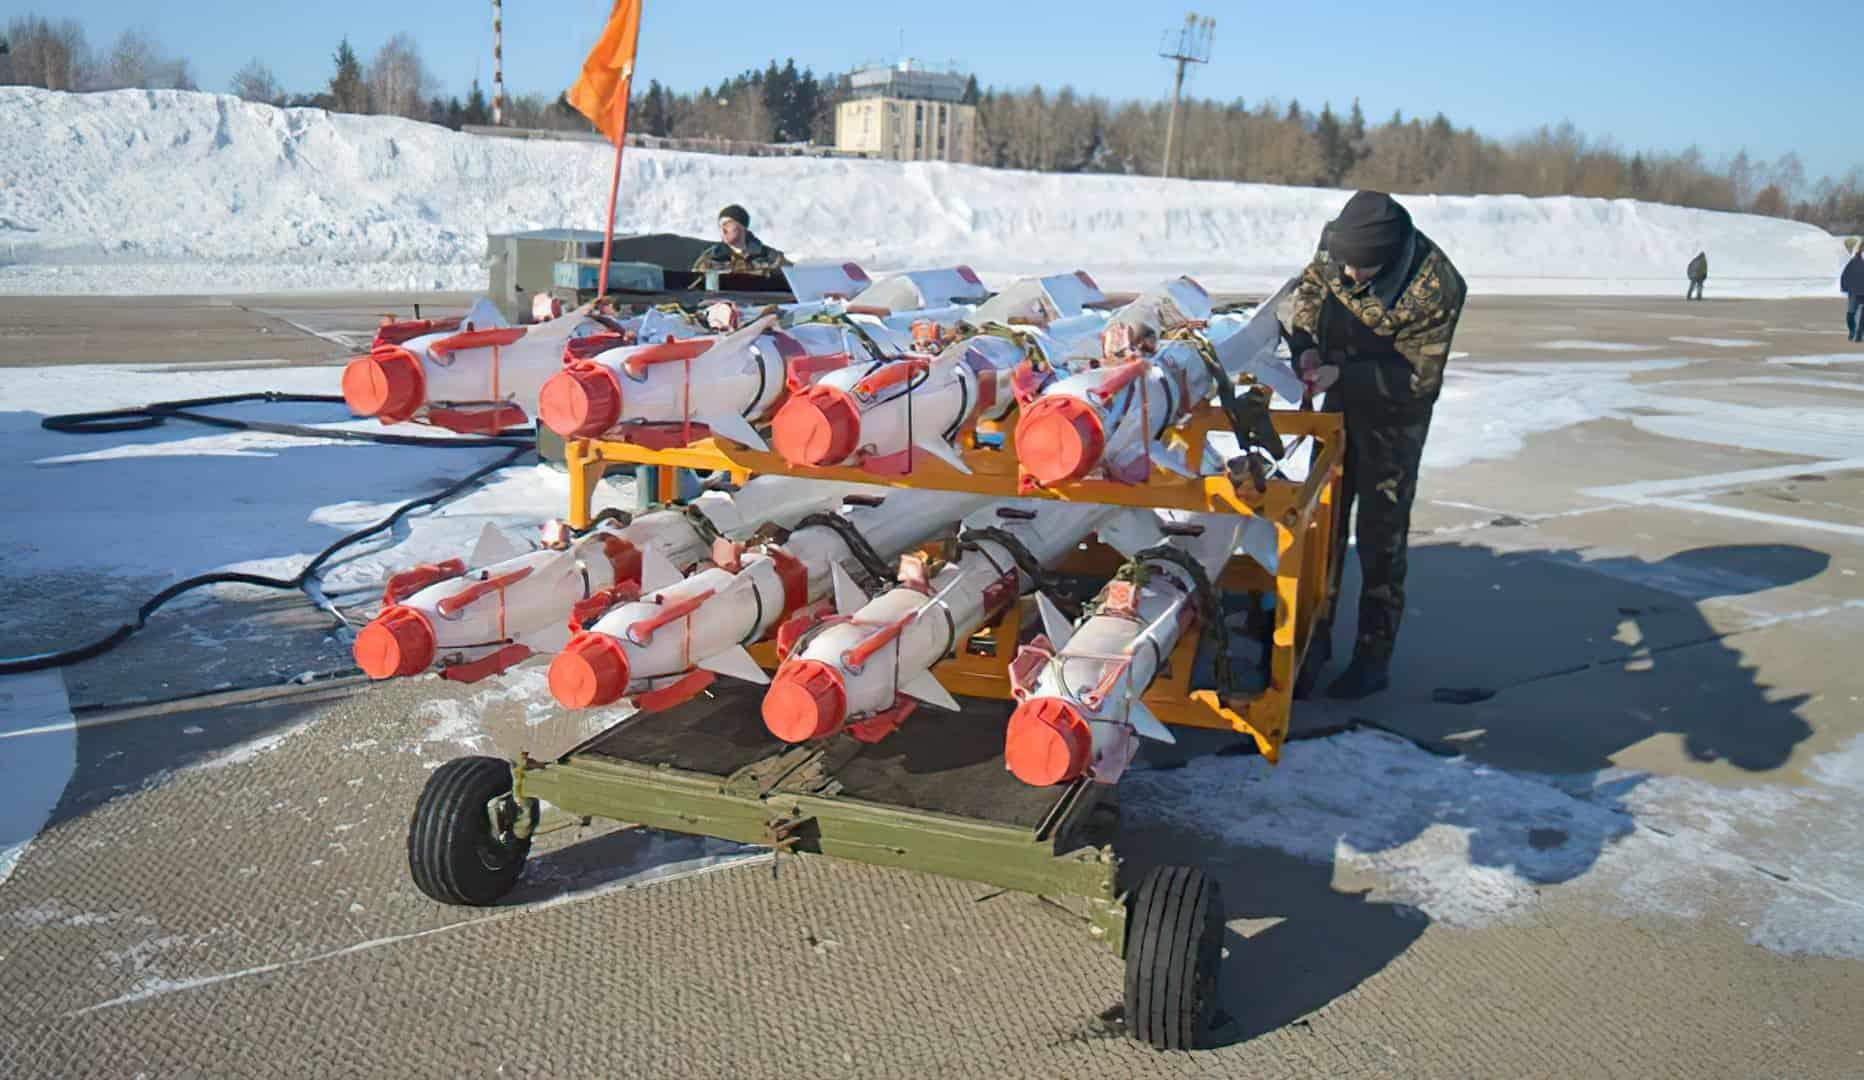 Білоруські ракети Р-73 класу «повітря-повітря» Фото: vpk.gov.by